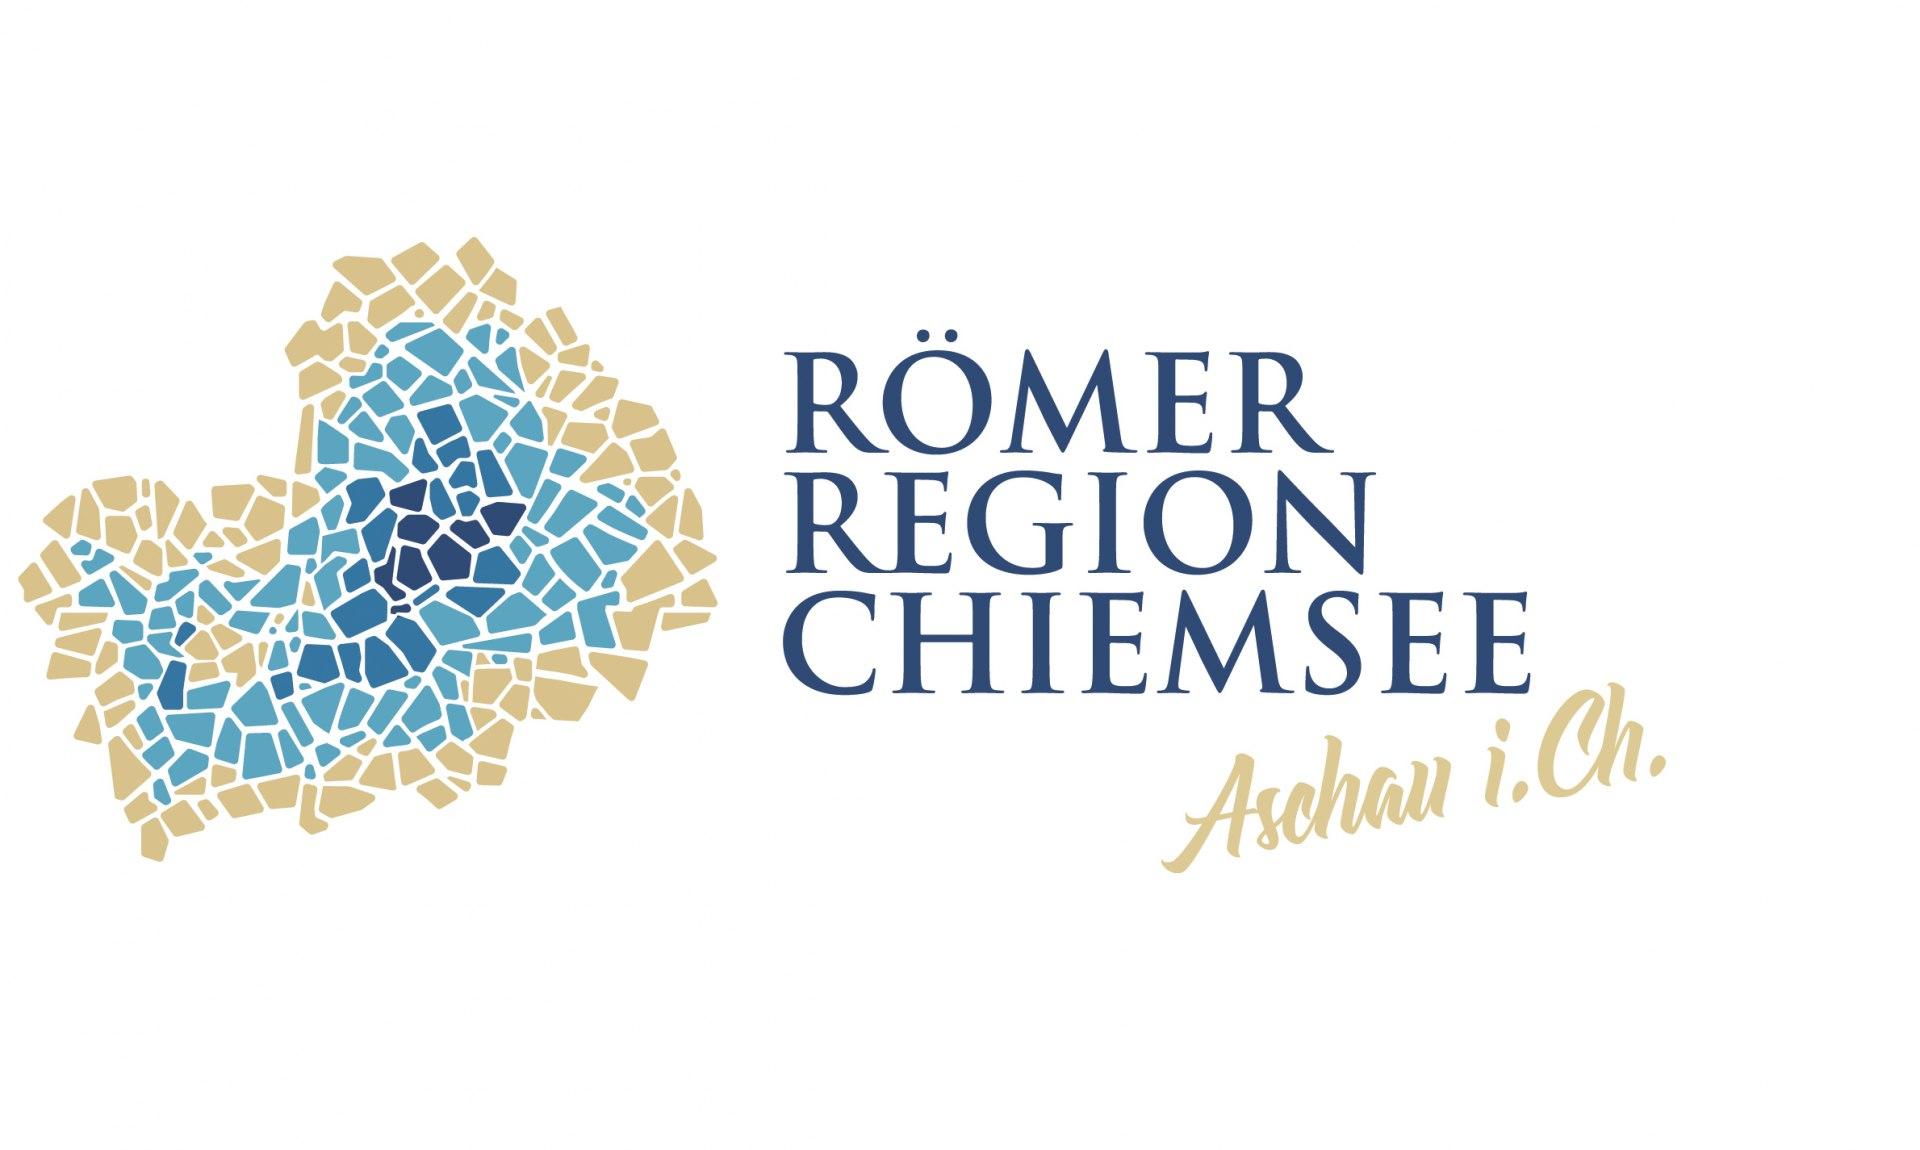 Römerregion Chiemsee Logo Aschau , © Tourist Info Aschau